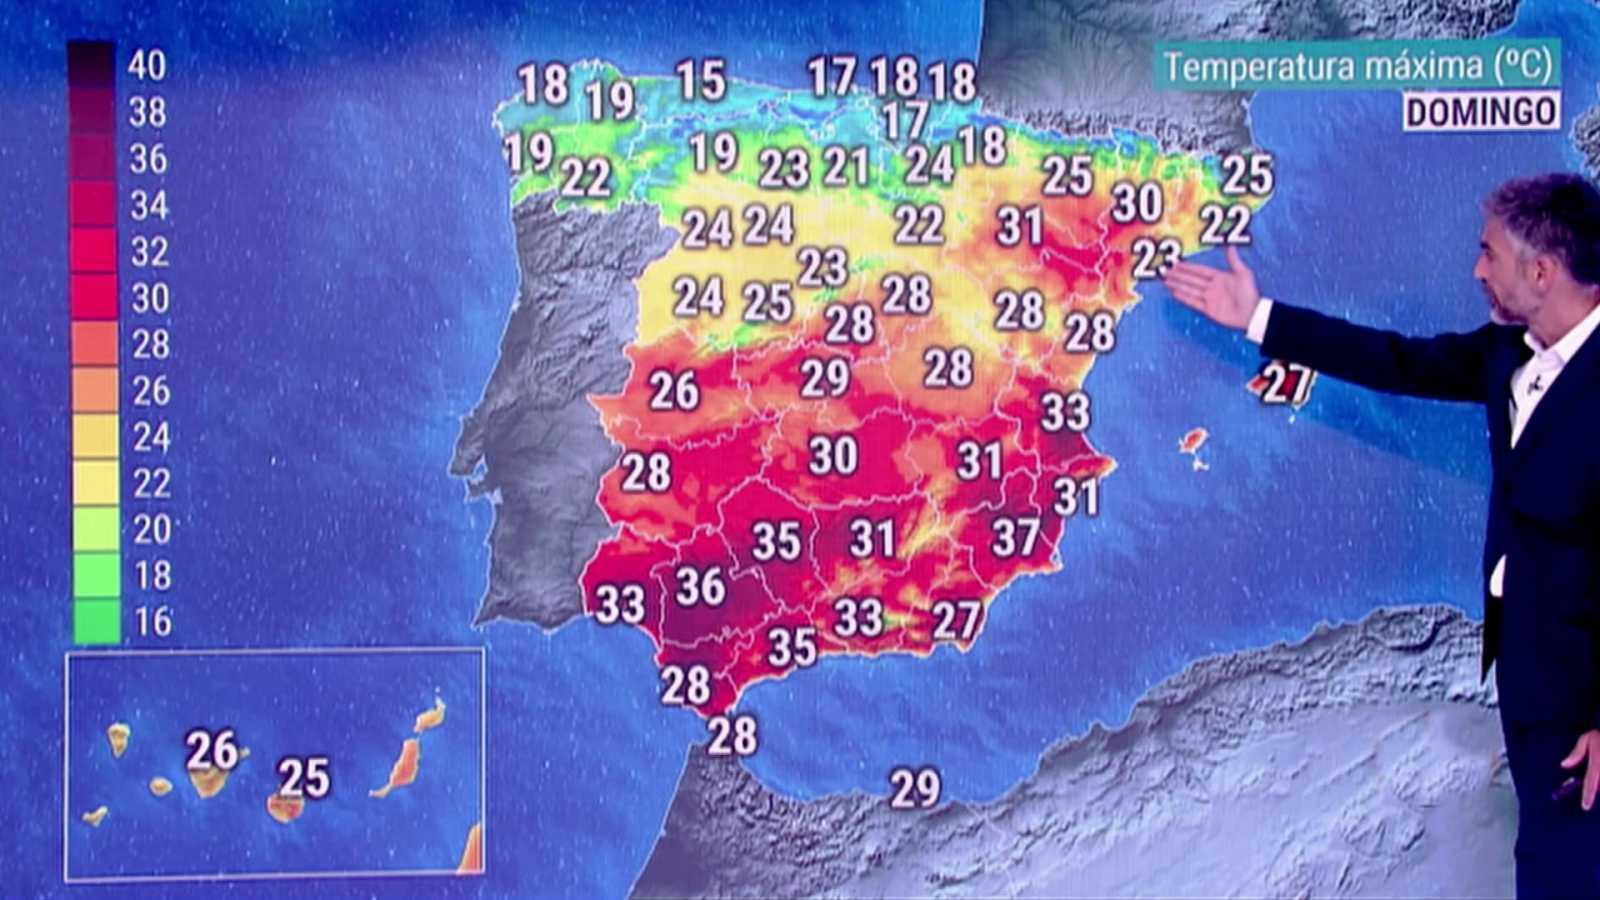 Lluvias localmente persistentes en zonas del oeste y norte de Galicia. Vientos fuertes con rachas muy fuertes en Canarias - ver ahora